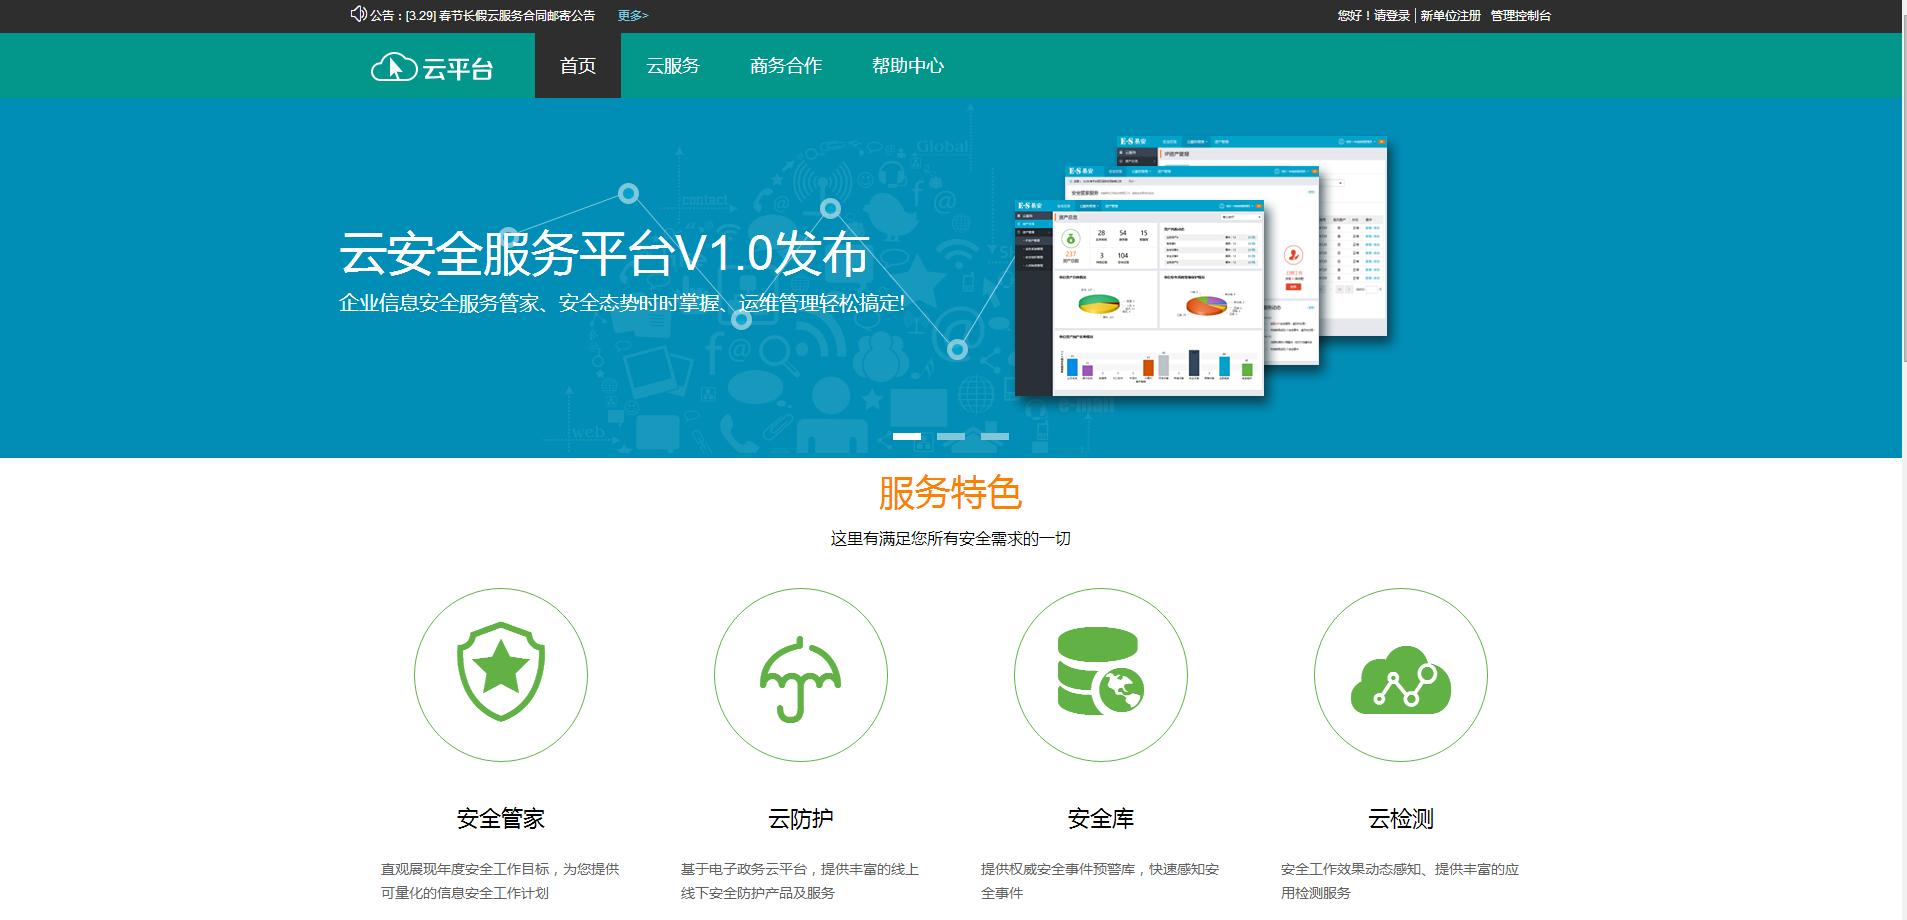 宽屏简洁大气云主机提供商企业官网网站模板